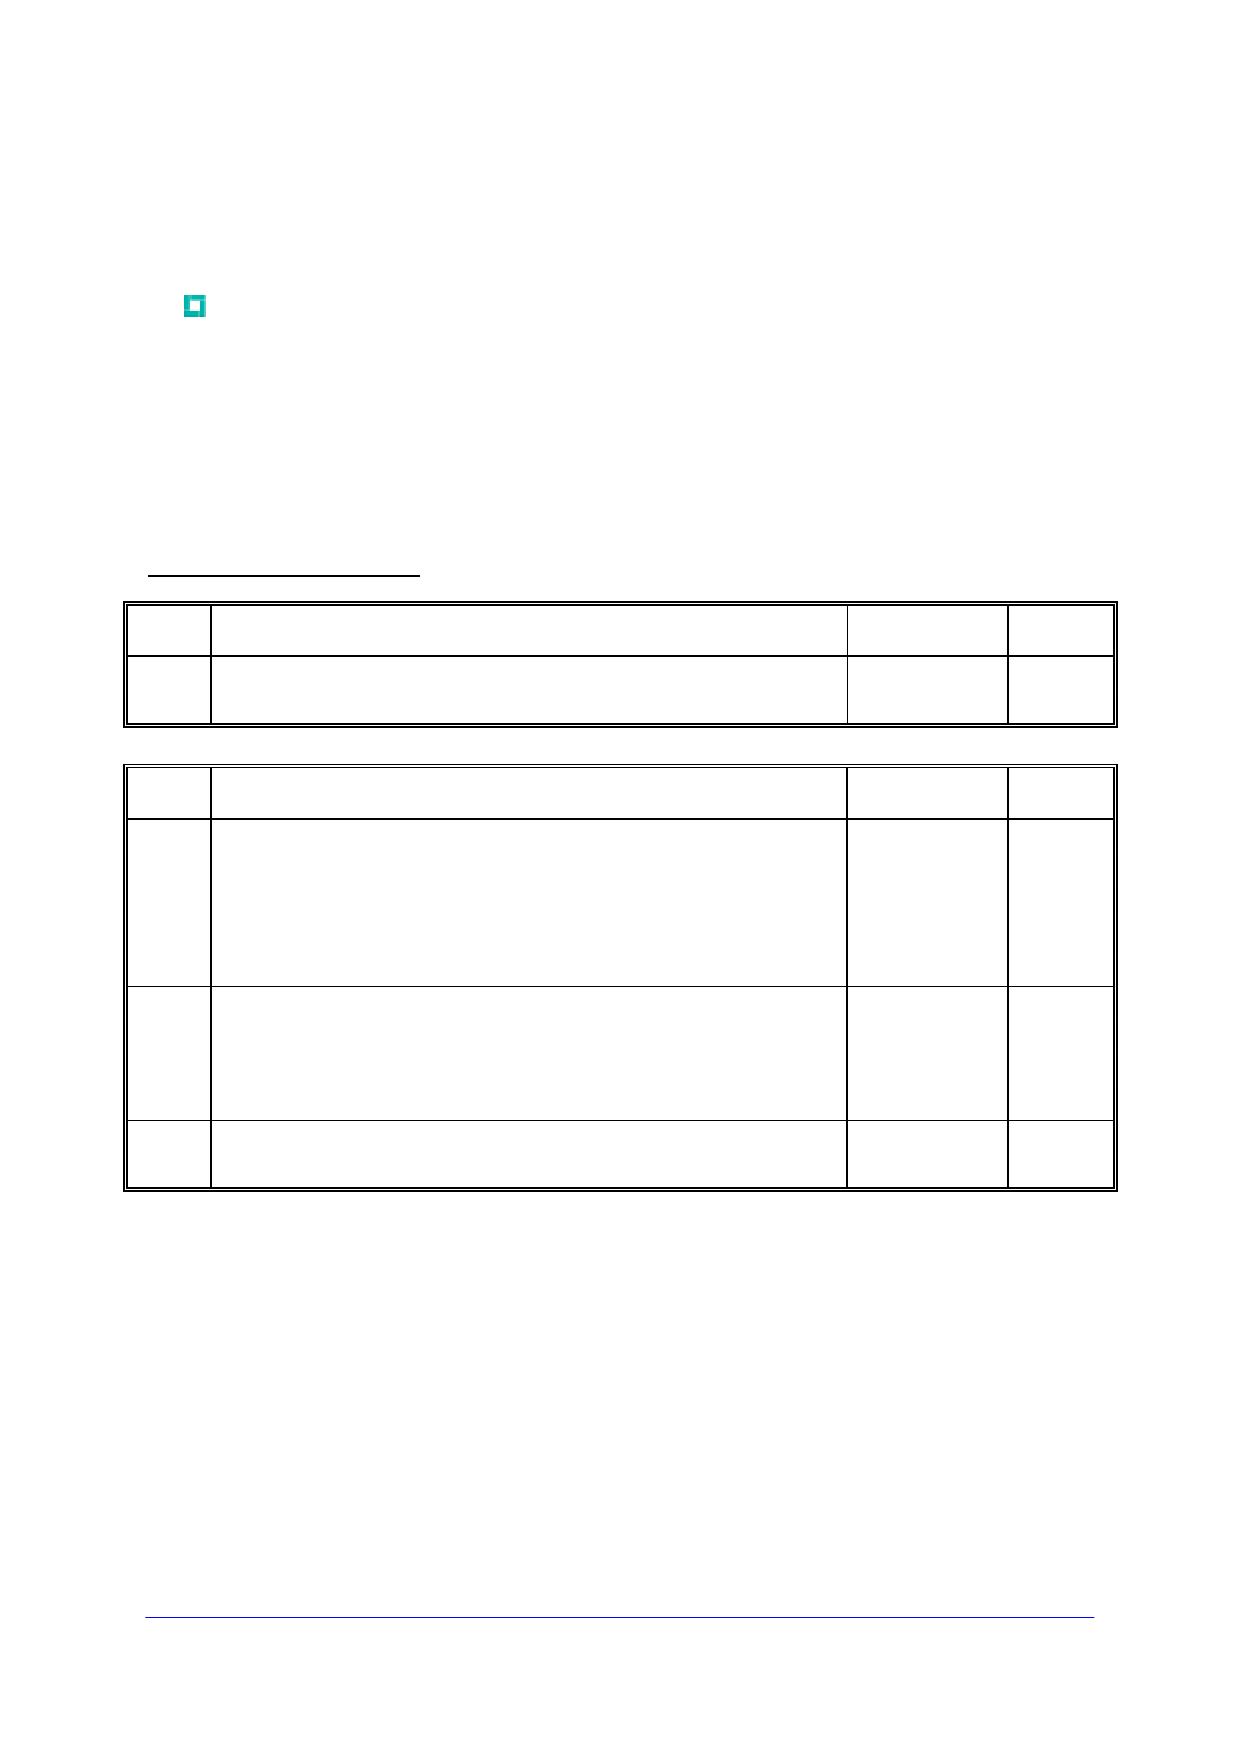 M0225YH440 دیتاشیت PDF